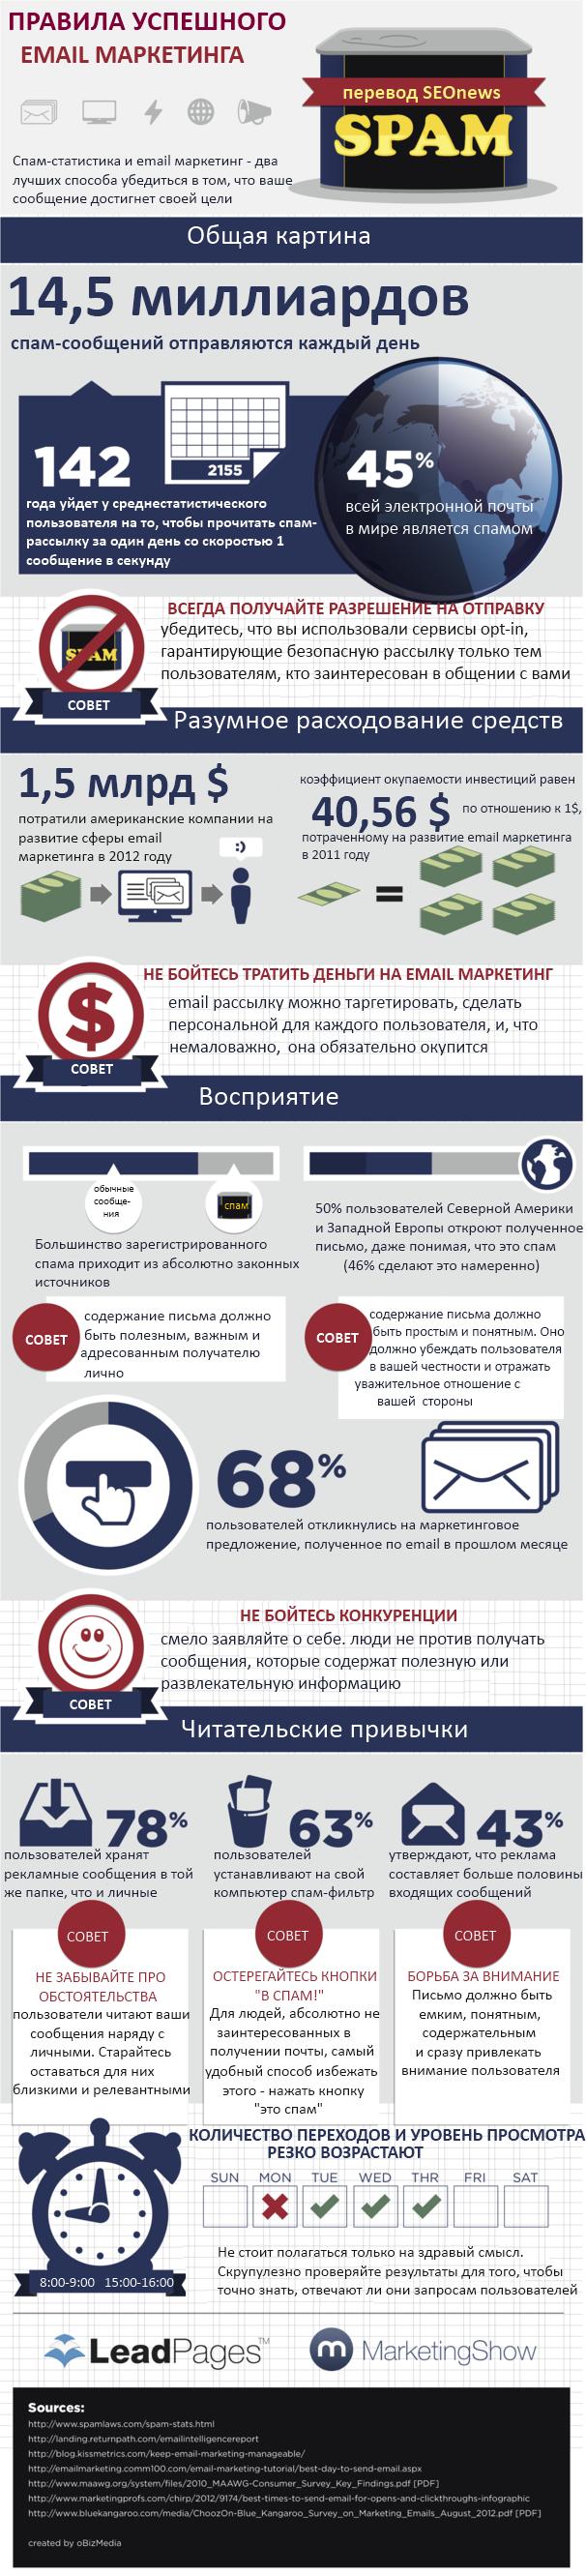 Инфографика: правила успешного email маркетинга